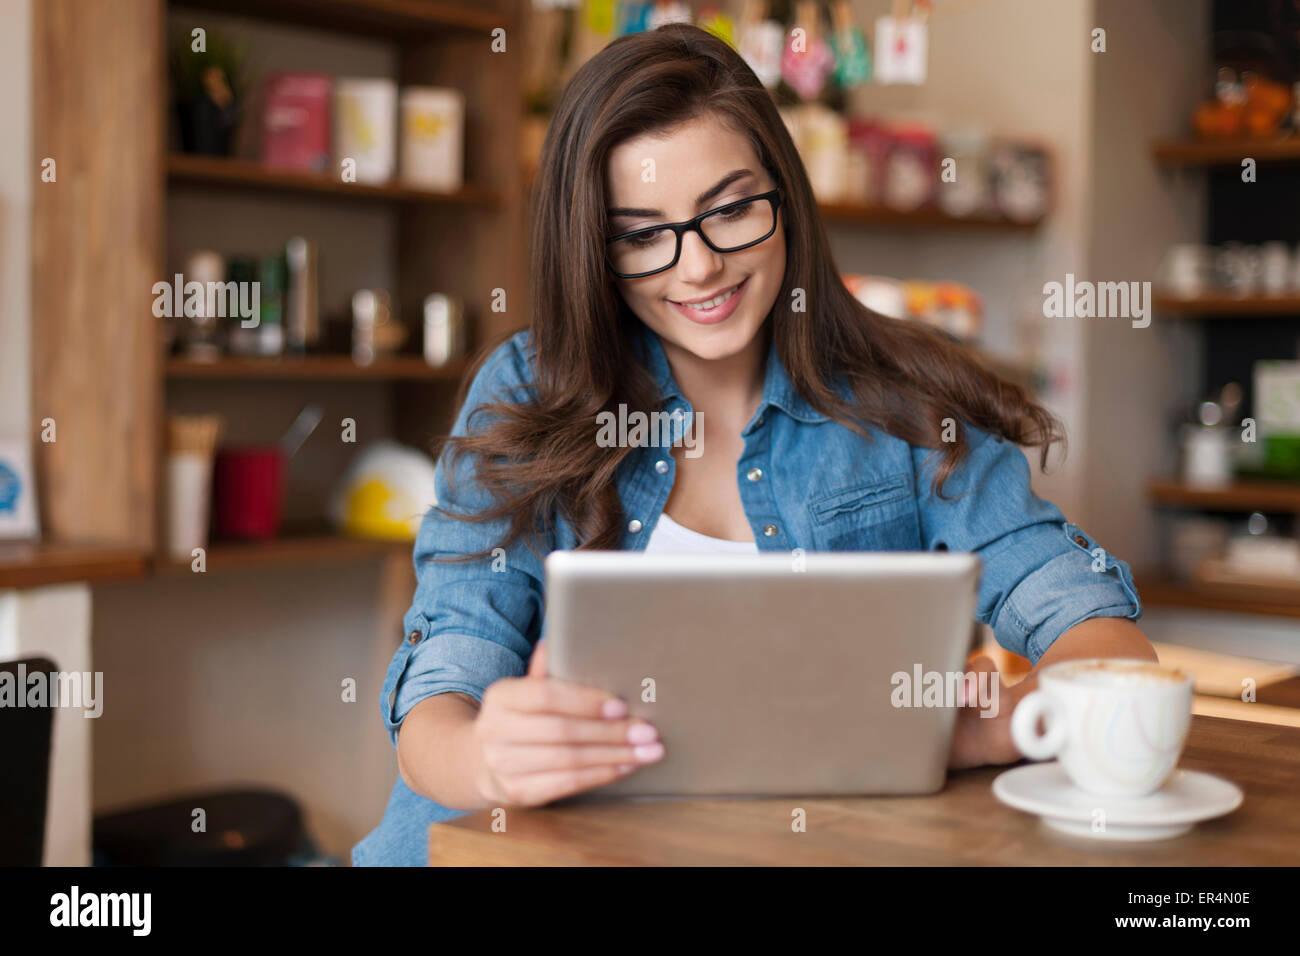 Bella mujer utilizando tablet digital en el cafe. Cracovia, Polonia Imagen De Stock